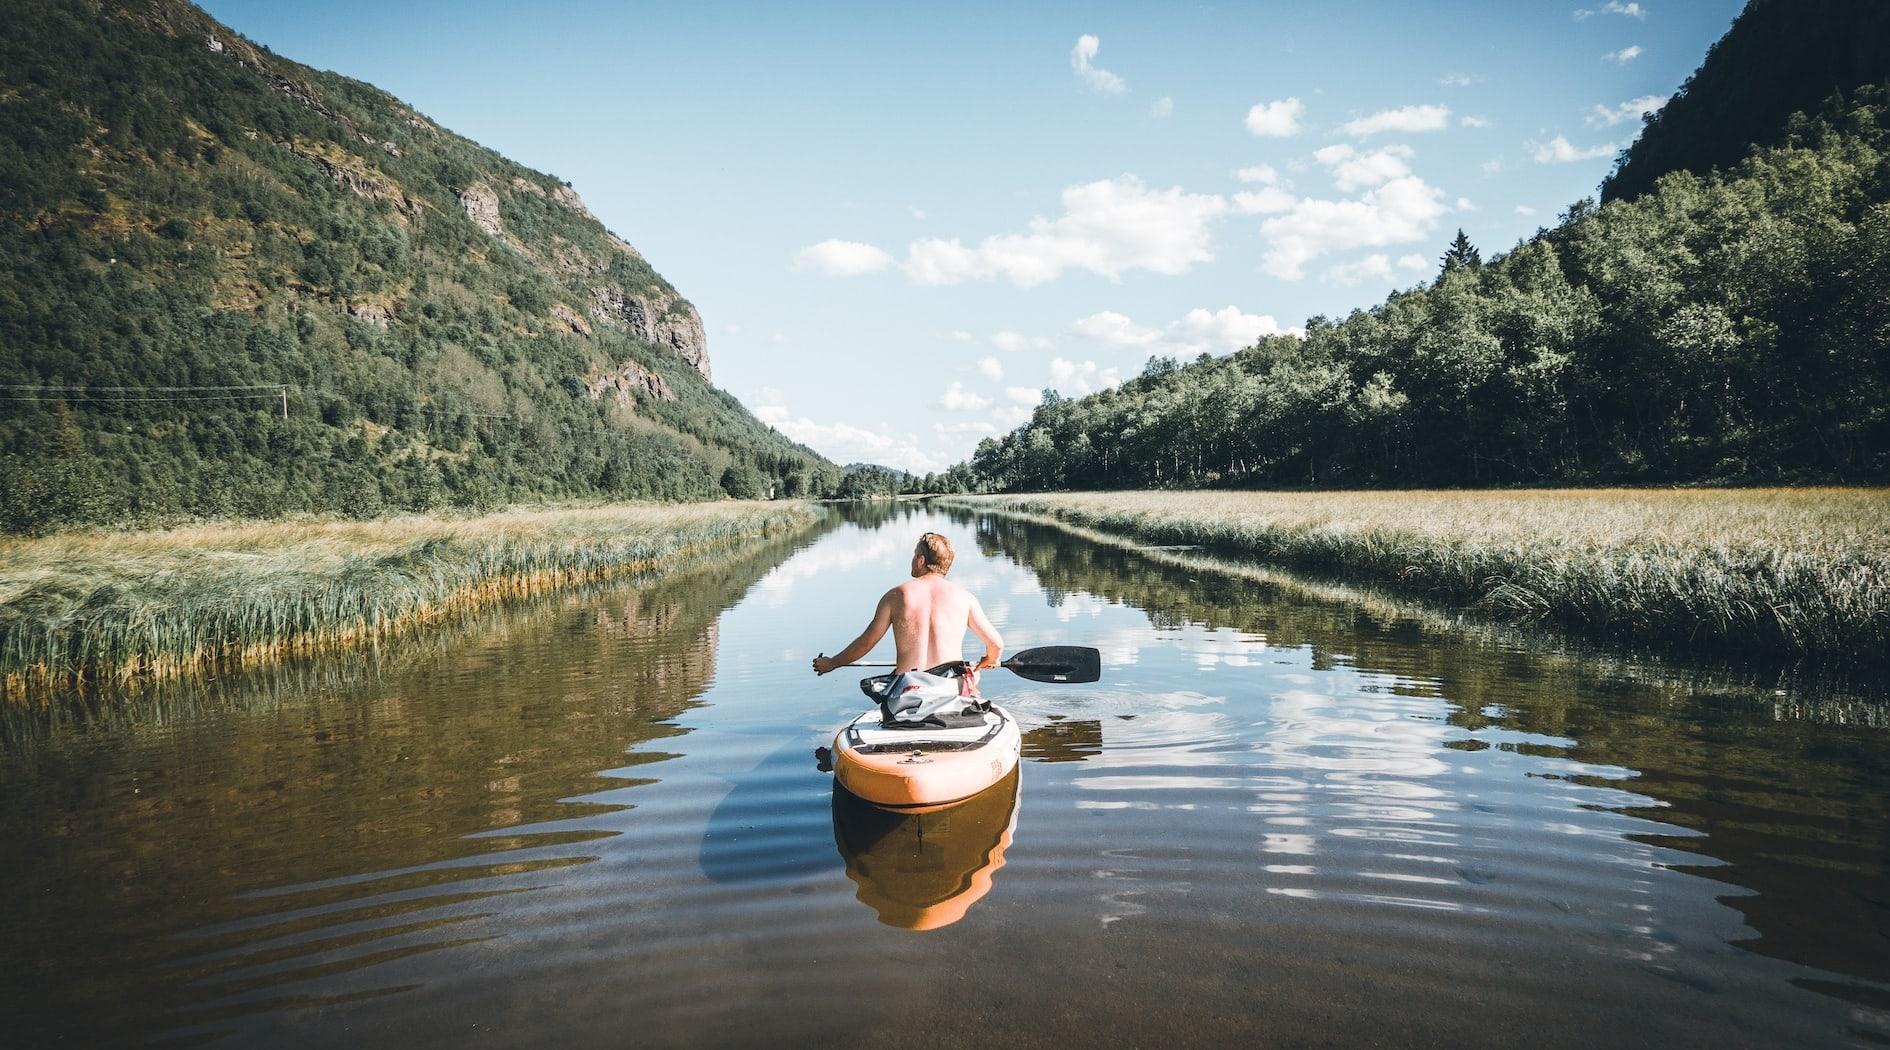 Finn et rolig fjellvann en varm sommerdag. Foto Christoffer Bjerkan/Hemsedal.com